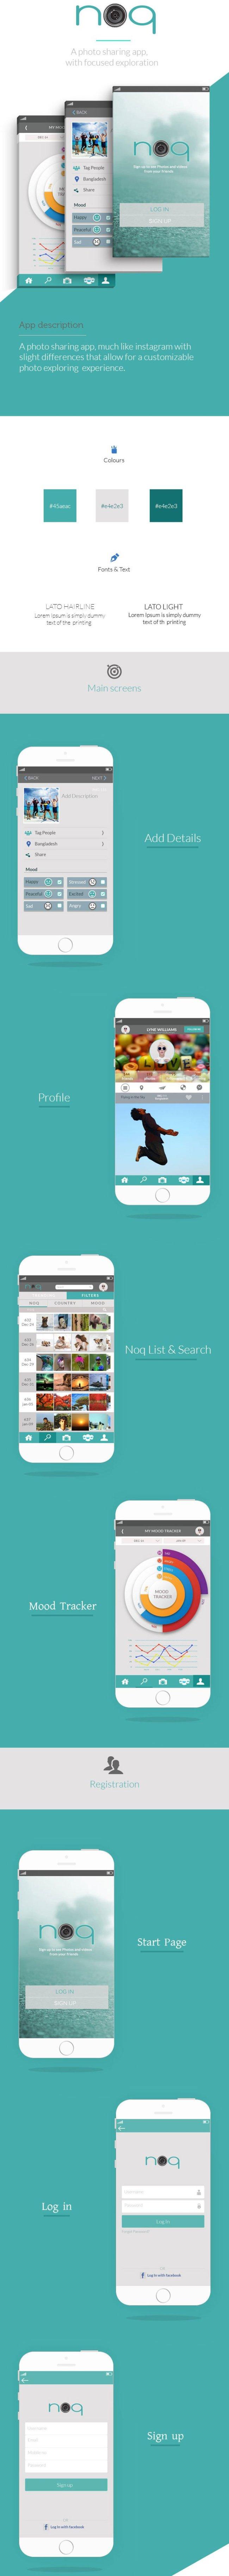 Instagram-like-mobile-app-design